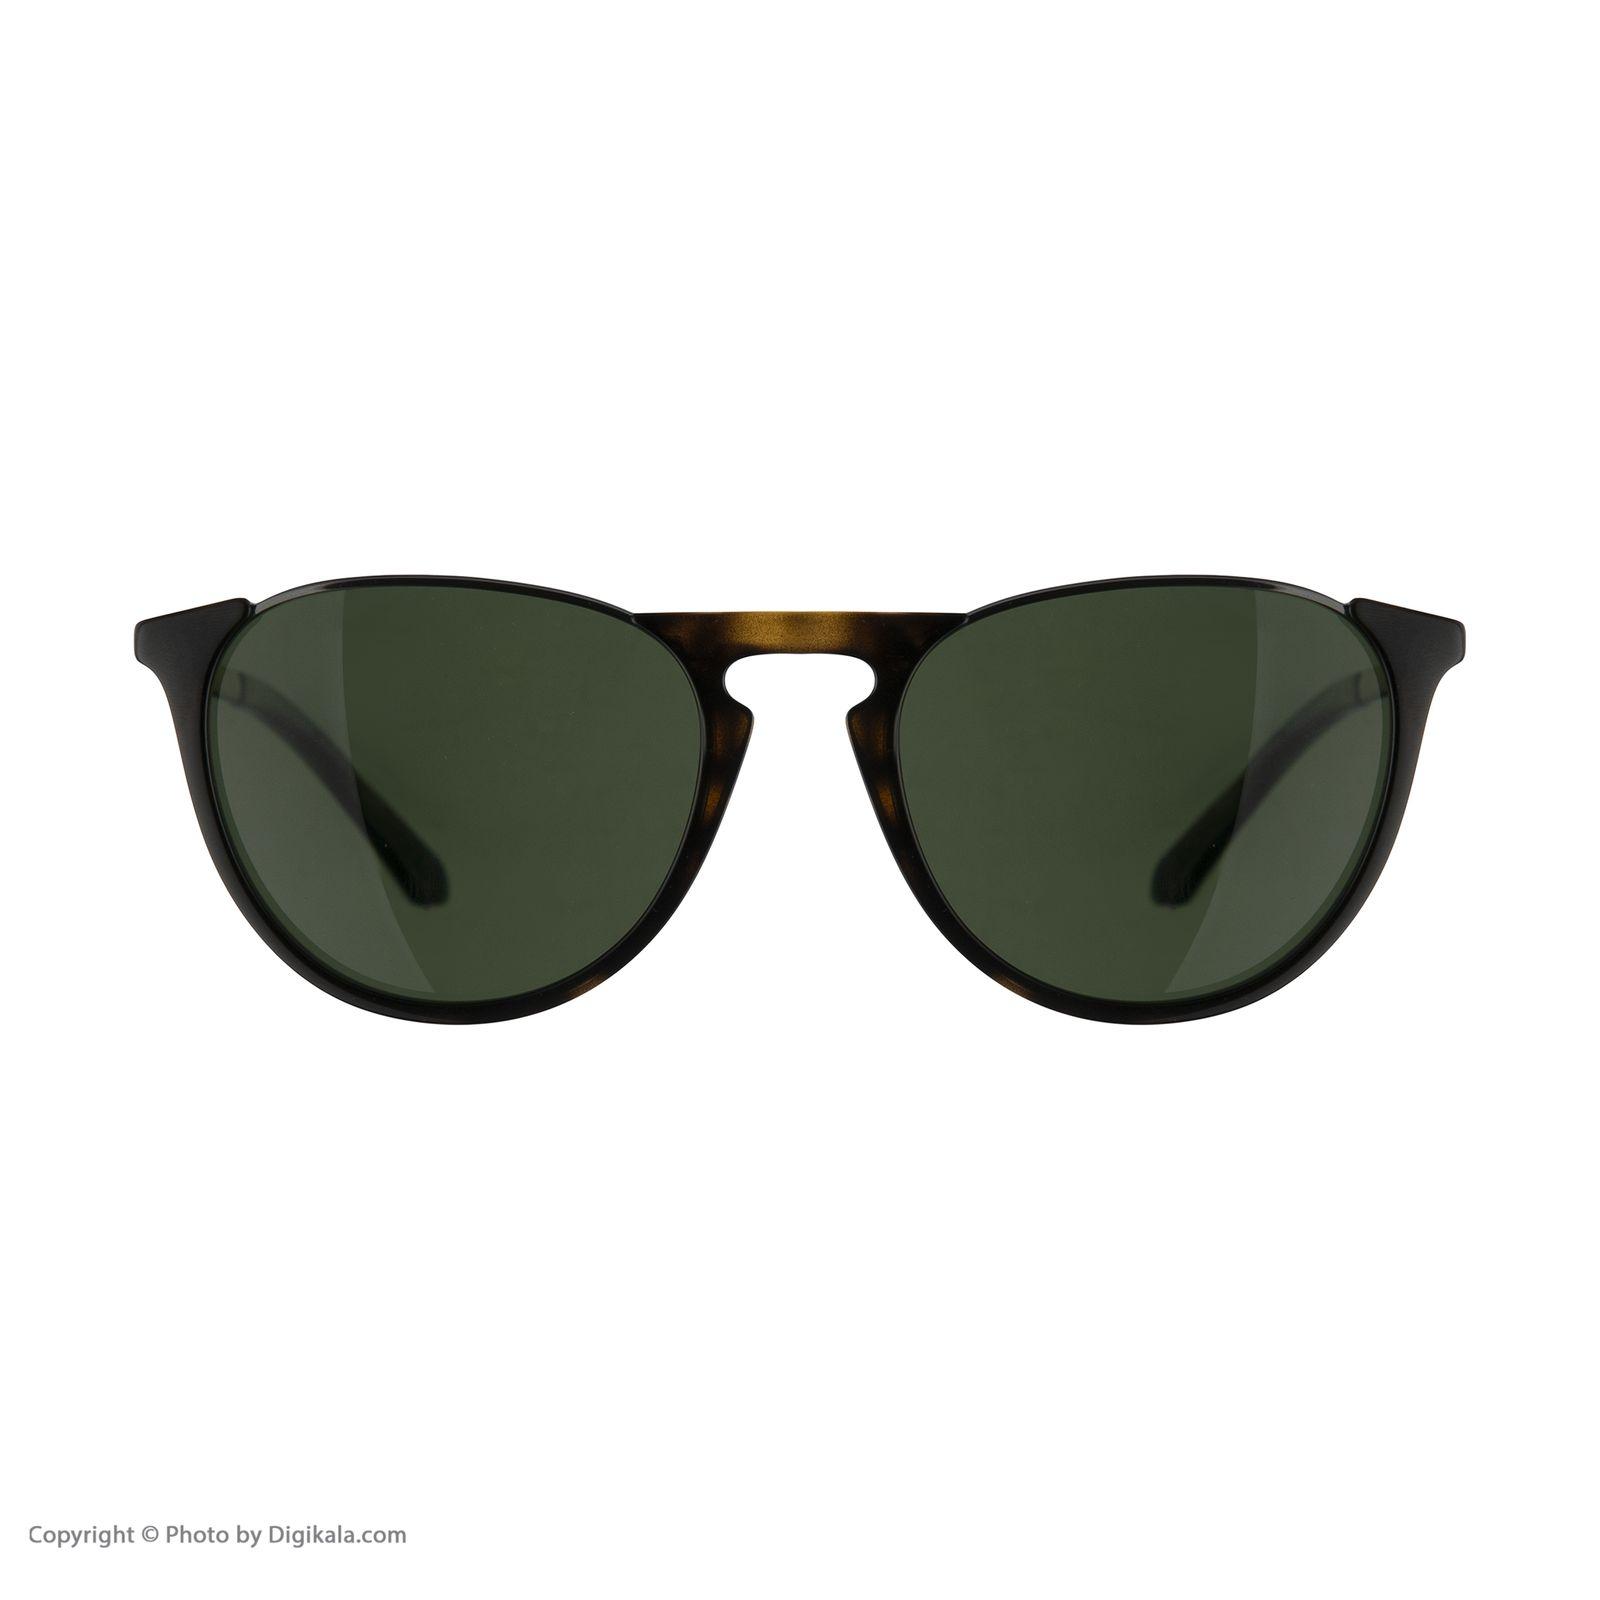 عینک آفتابی زنانه بربری مدل BE 4273S 300271 52 -  - 3